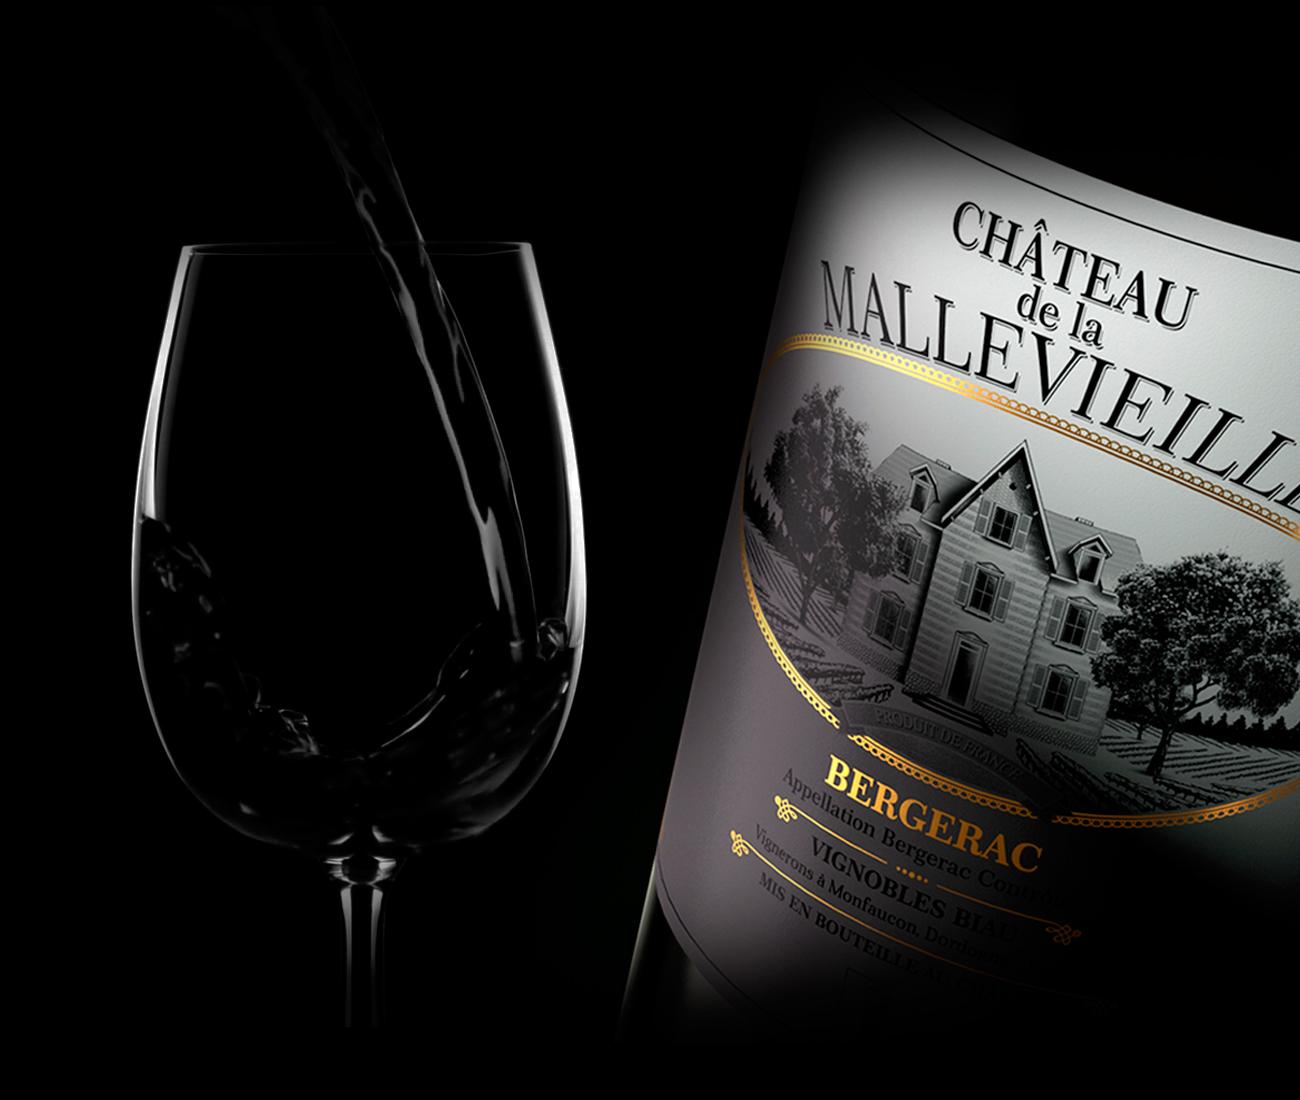 907 Chateu De La Mallevieille 04 1